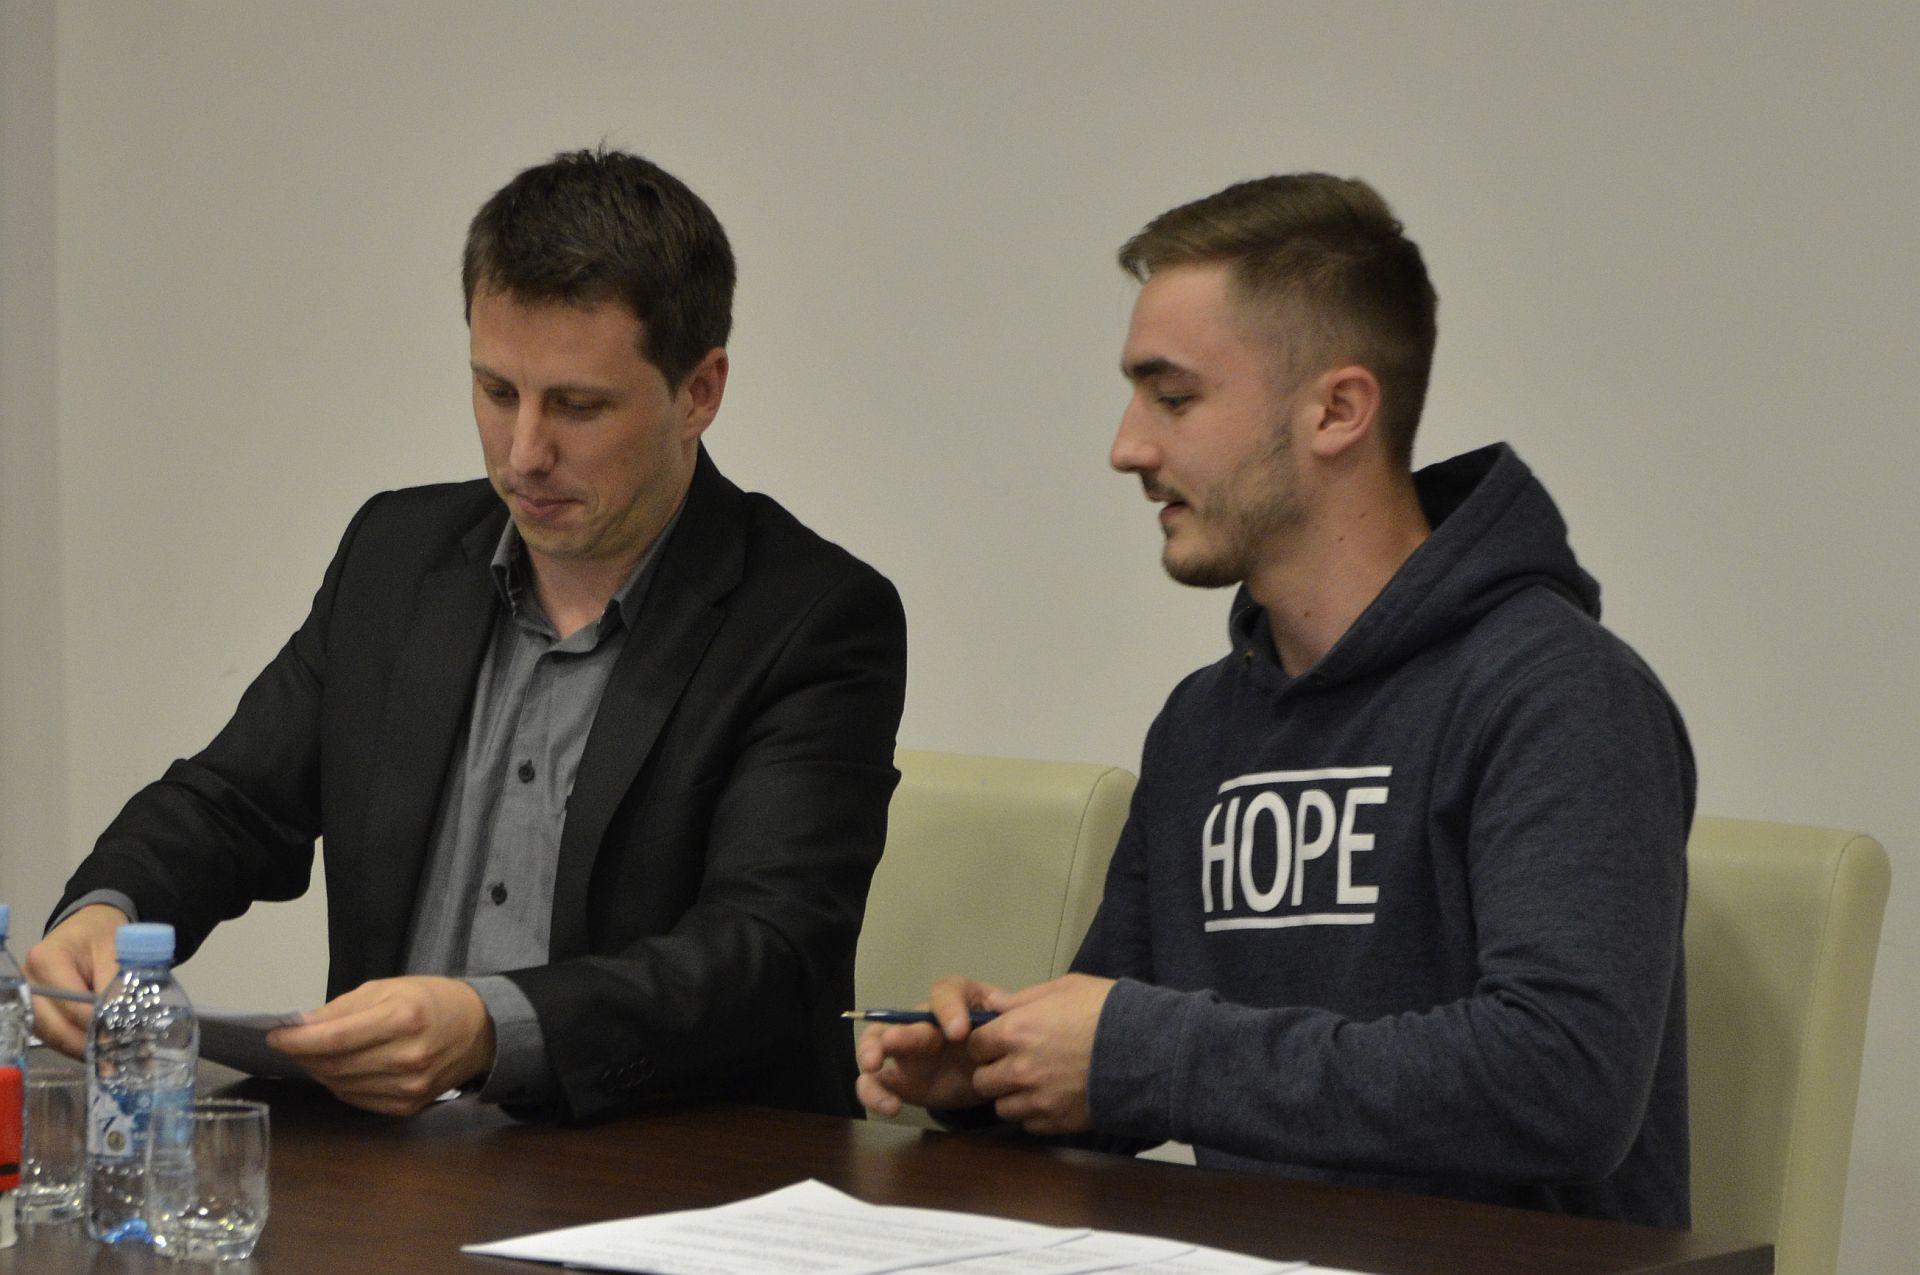 Potpisivanje ugovora okt_2018_Fondacija Izvor nade 13